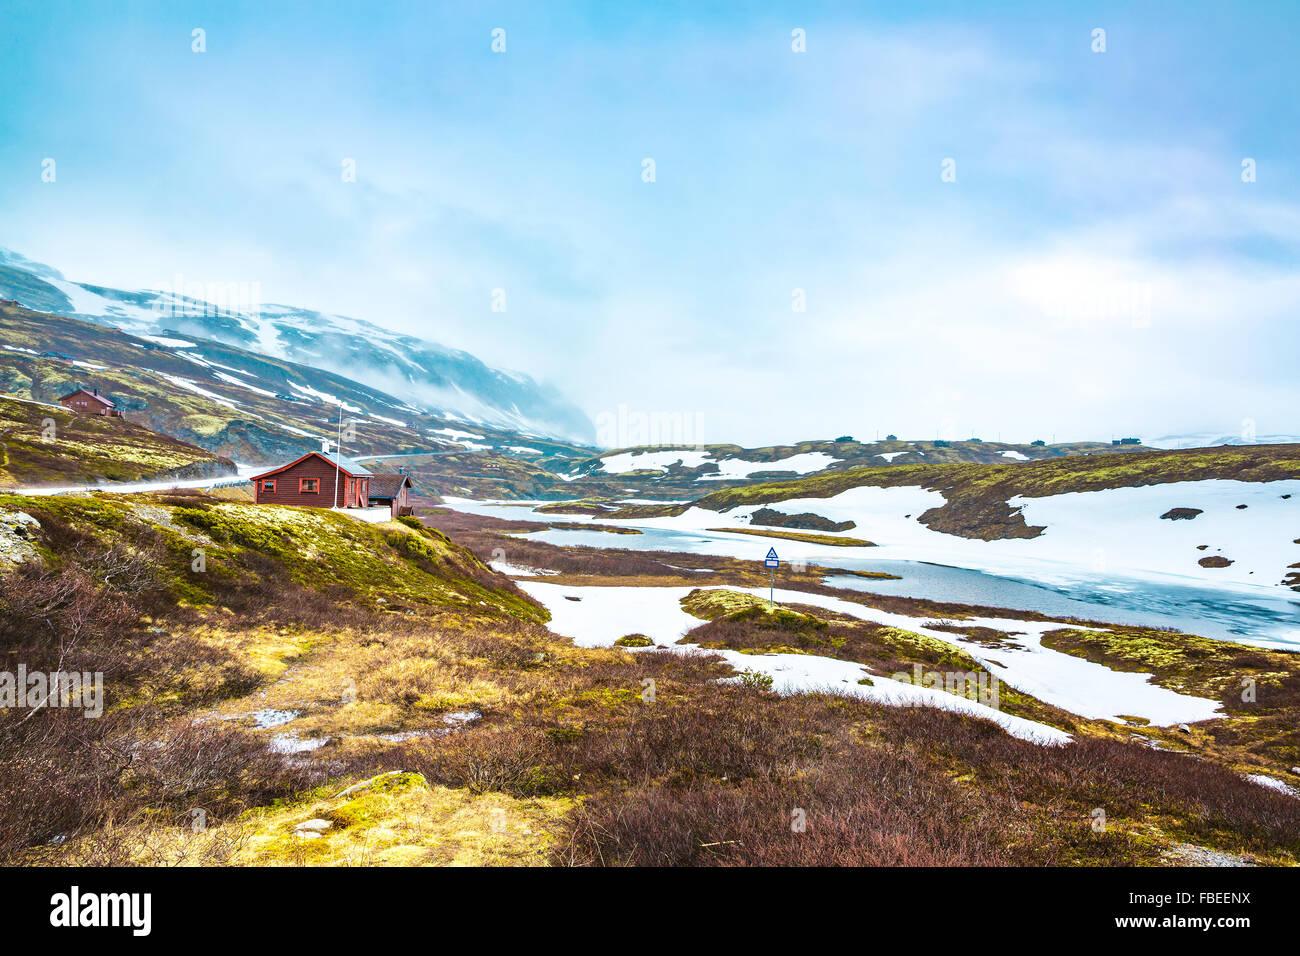 Noruega paisaje, una pequeña aldea en las inclemencias del tiempo tormenta de nieve y niebla en las montañas. Imagen De Stock